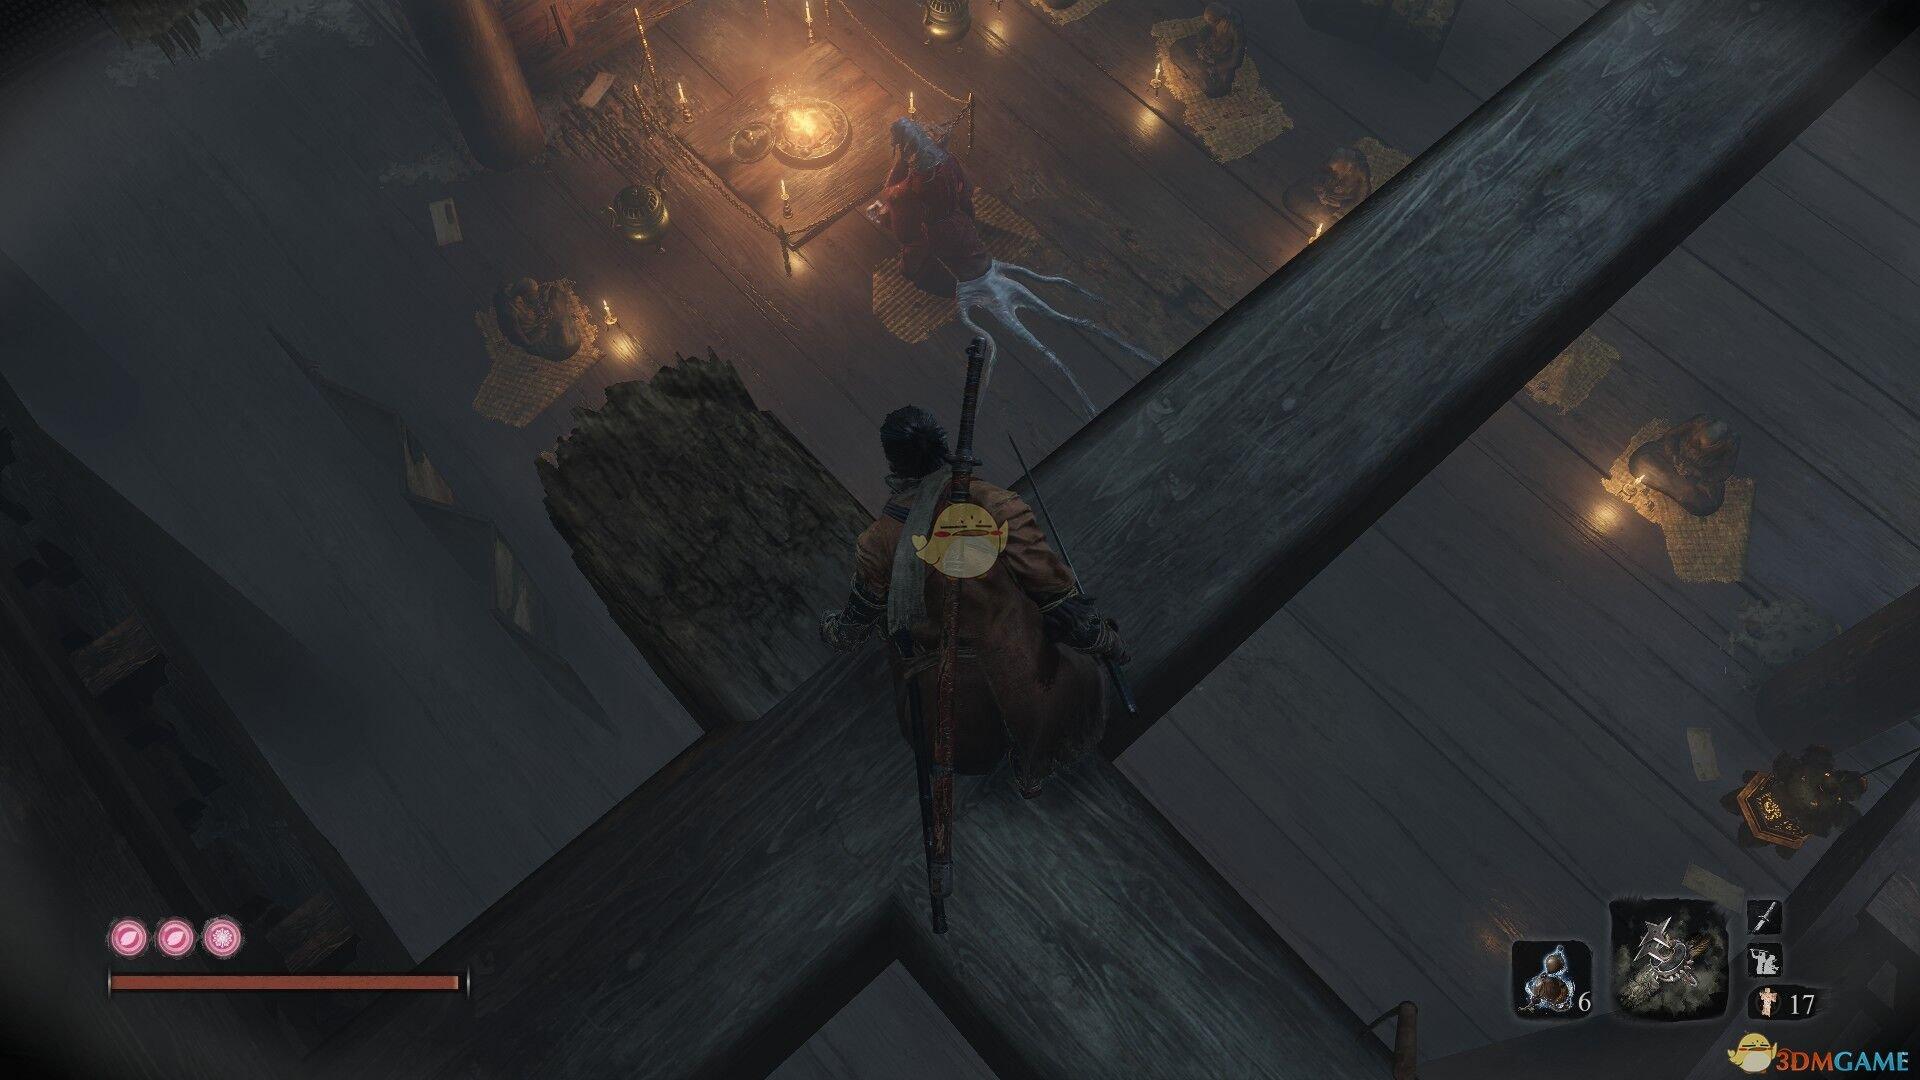 《只狼:影逝二度》水生村到达流程攻略